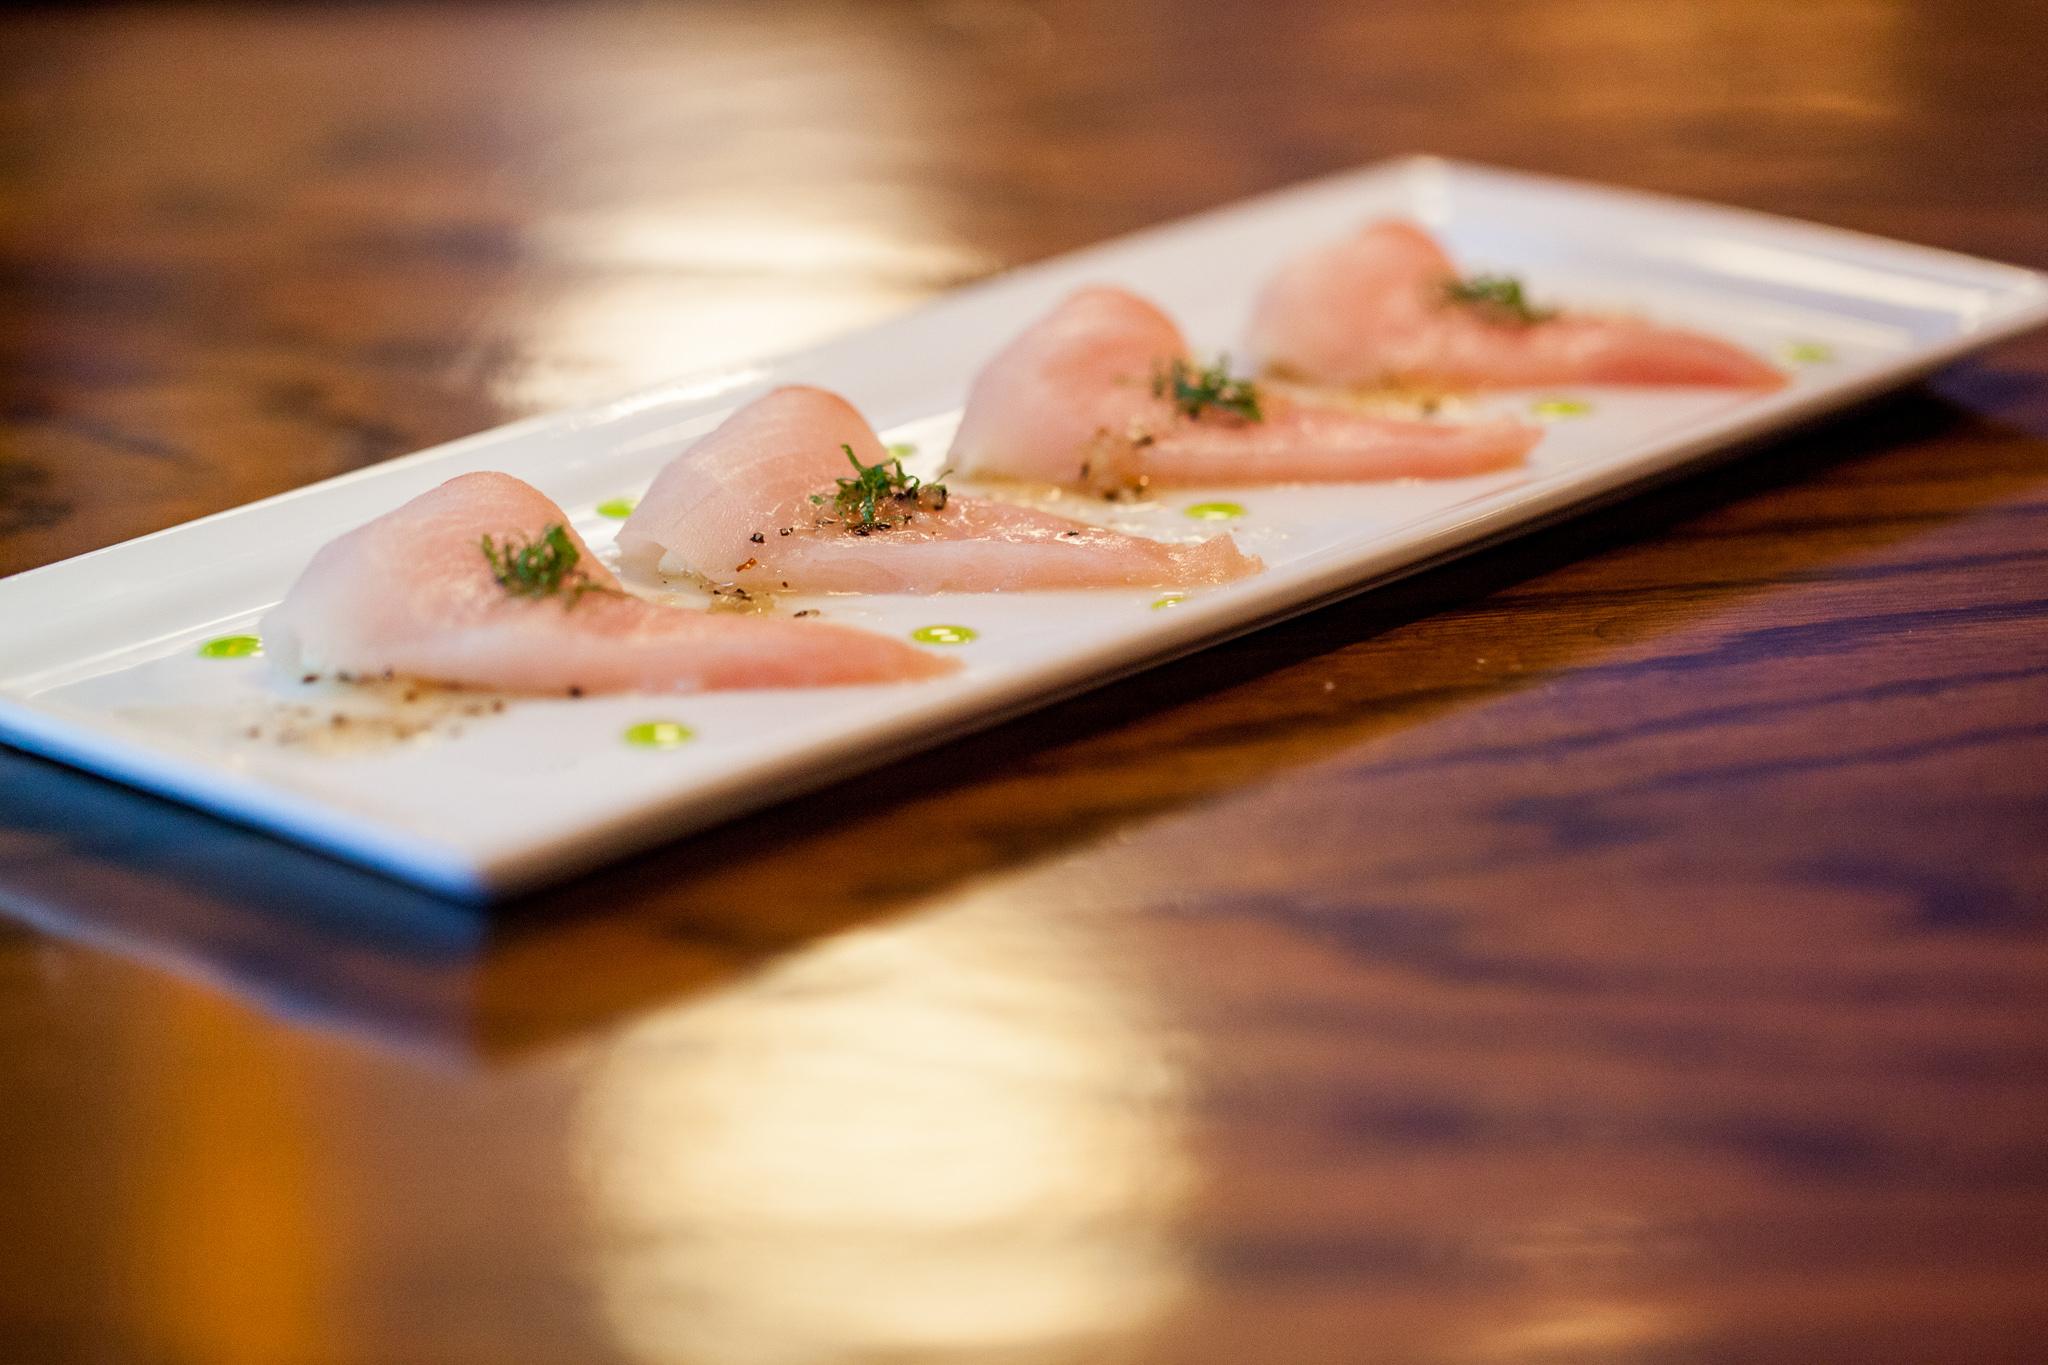 Yellowtail new style sashimi - Shaw's